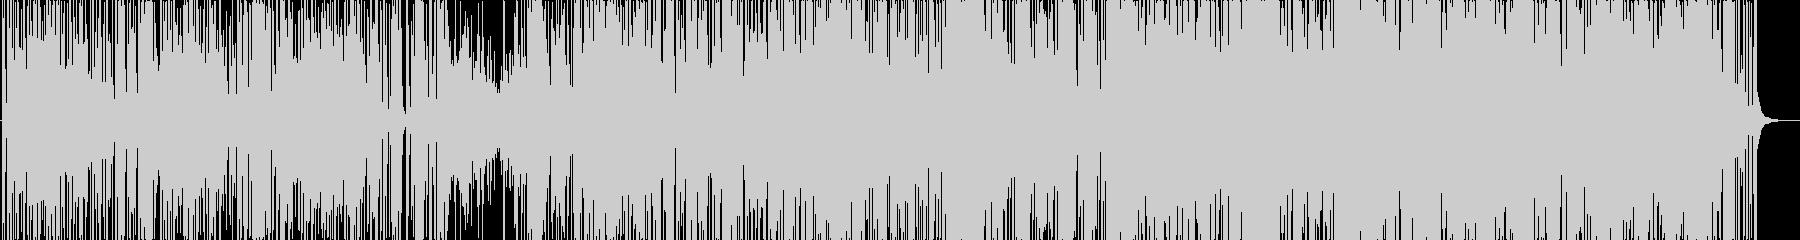 ジャズとファンク。イントロビッグバ...の未再生の波形